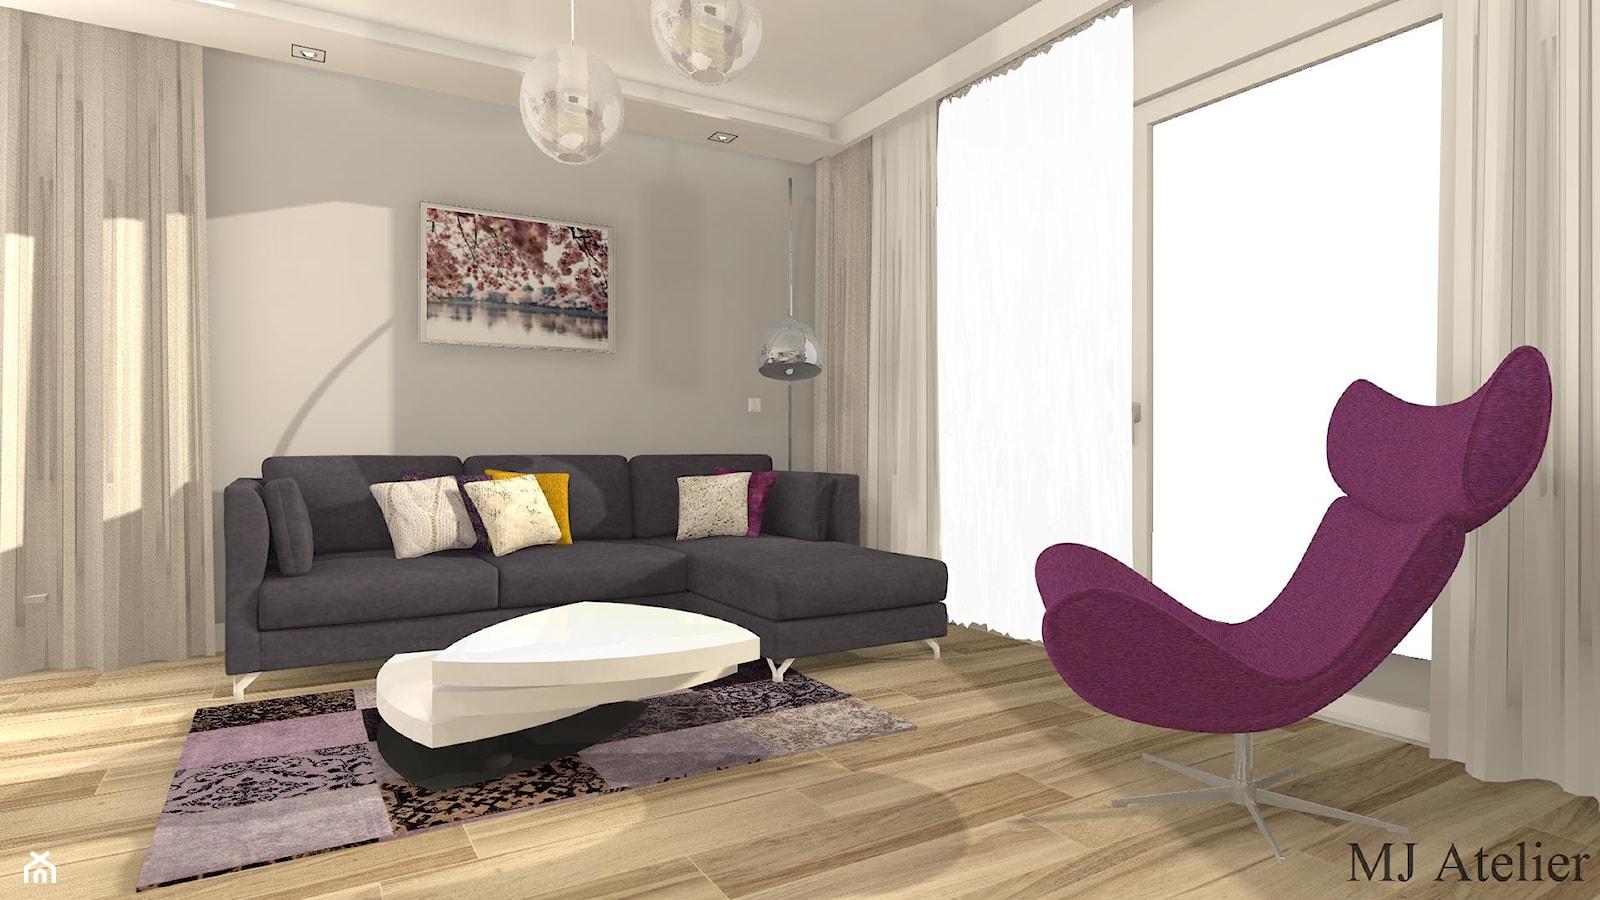 Dom pod Bydgoszczą w roli głównej fuksja - Salon, styl nowoczesny - zdjęcie od mj-atelier.com - Homebook